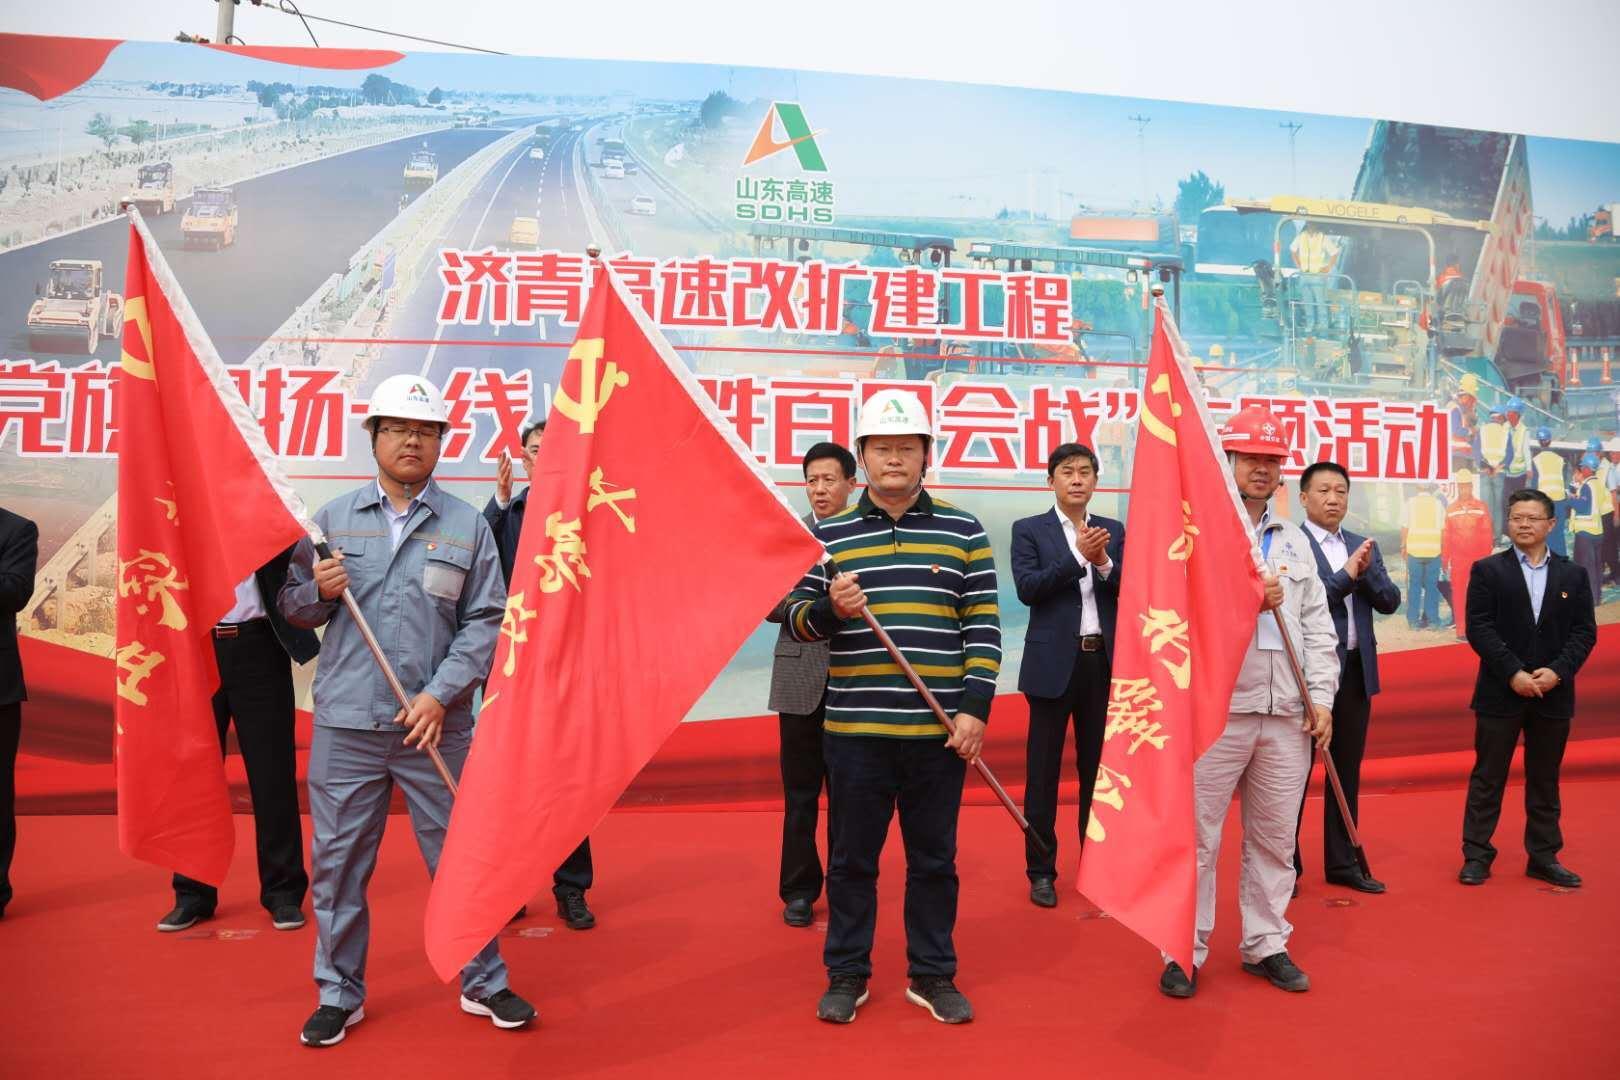 中交路建济青四标党员先锋队打出旗帜